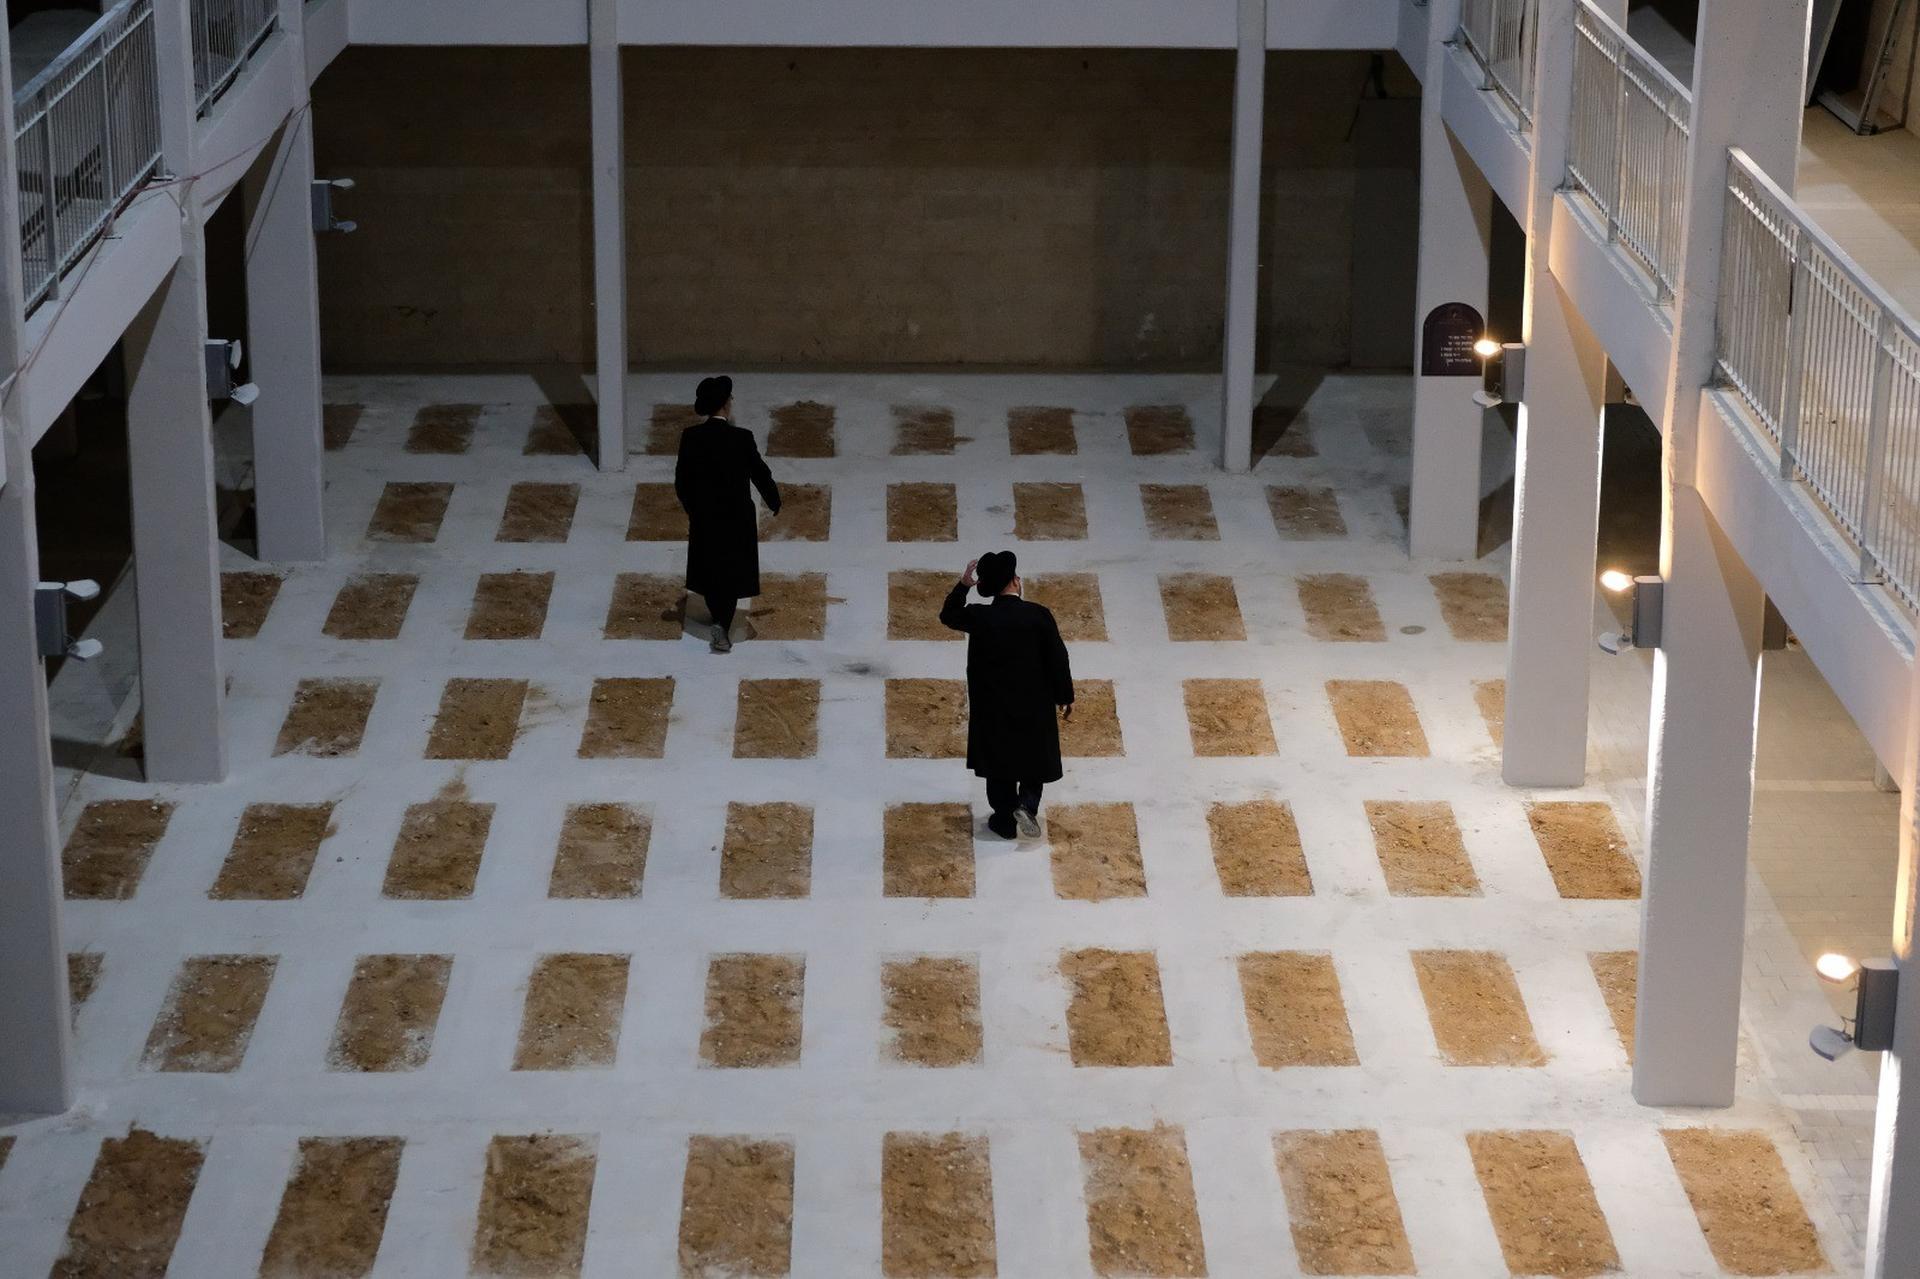 בית הקברות התת קרקעי גבעת שאול. צילום: יואב דודקביץ'